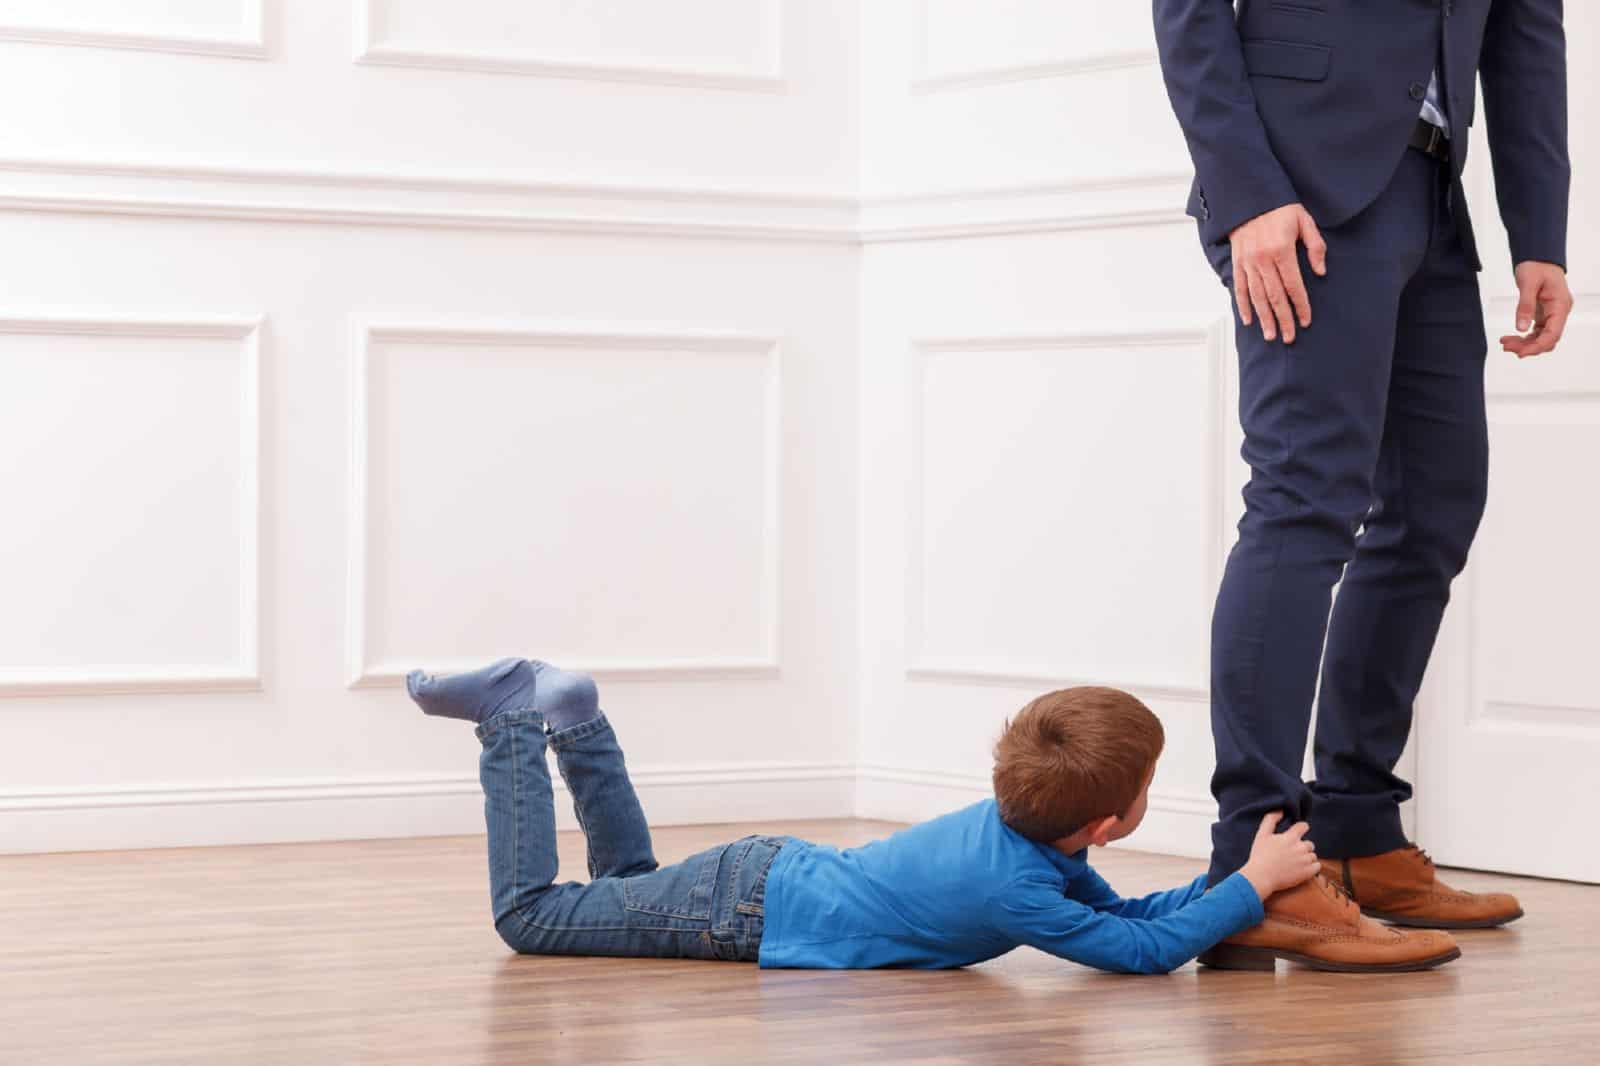 осуществление родительских прав родителем проживающим отдельно от ребенка